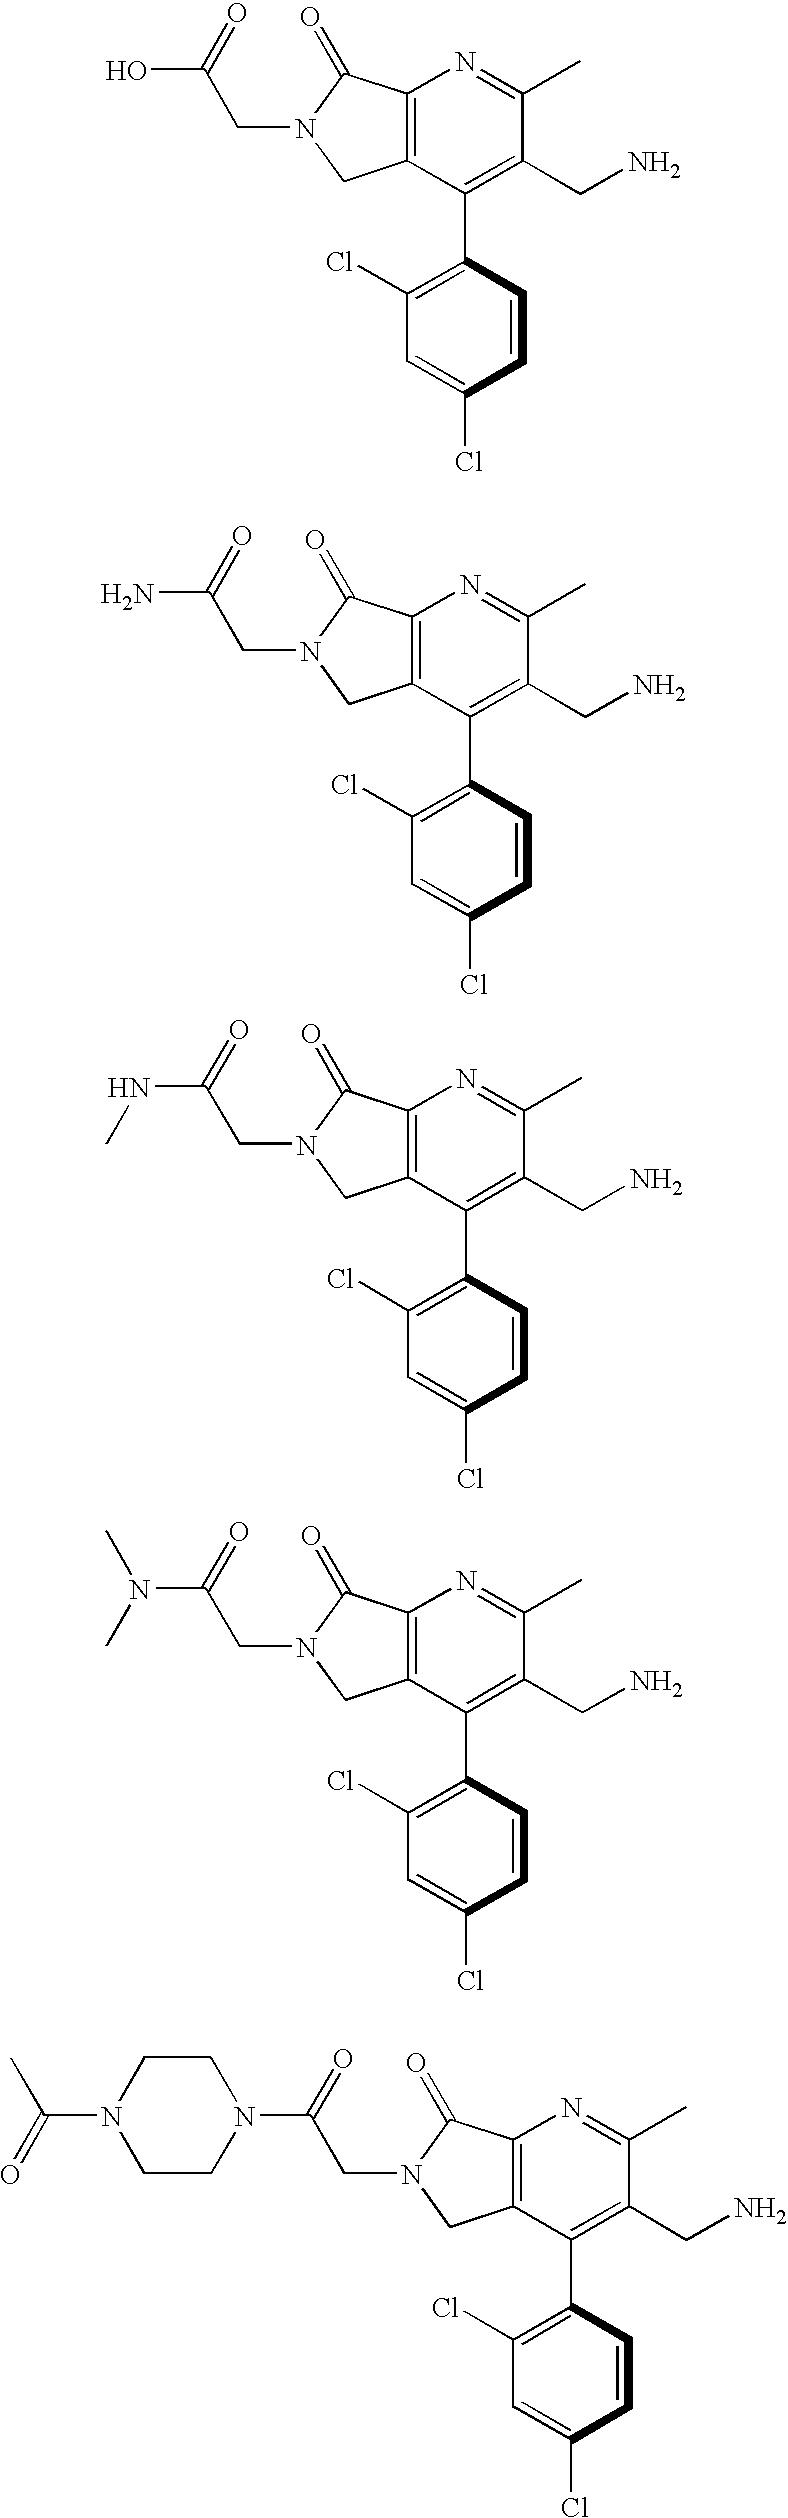 Figure US07521557-20090421-C00318